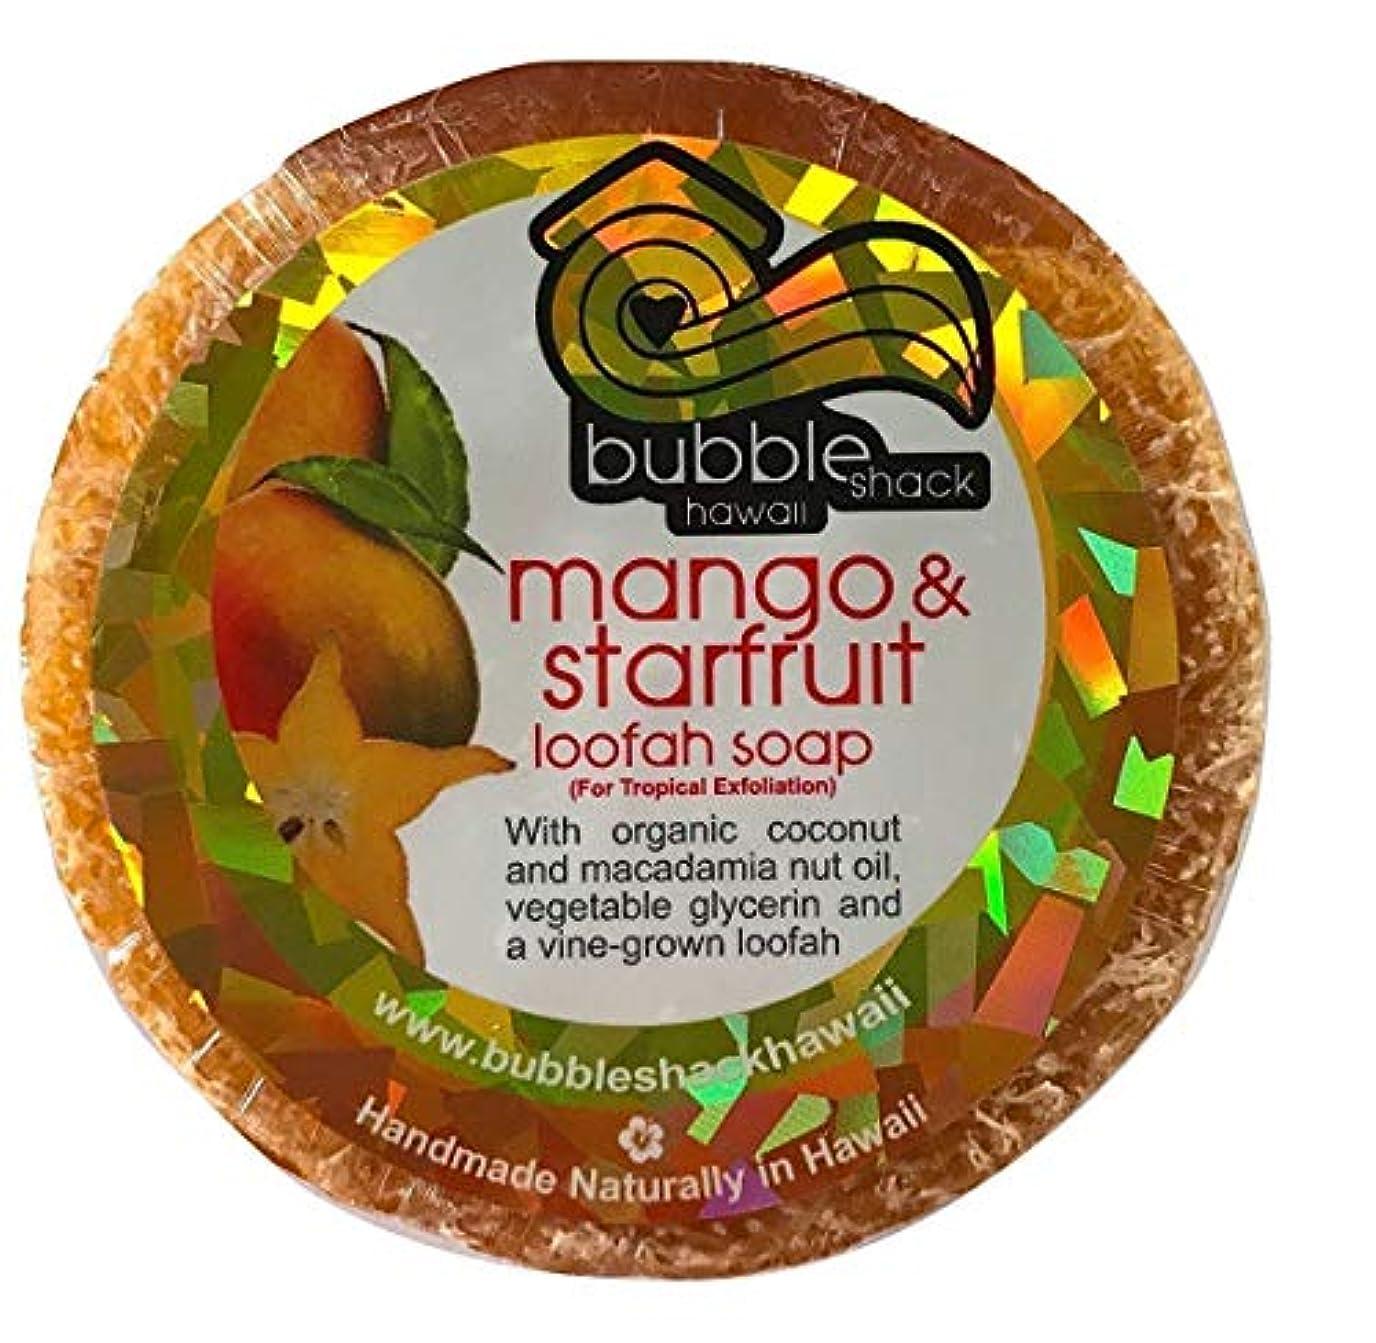 会員食品酒ハワイアン雑貨/ハワイ 雑貨【バブルシャック】Bubble Shack Hawaii ルーファーソープ(マンゴ&スターフルーツ) 【お土産】